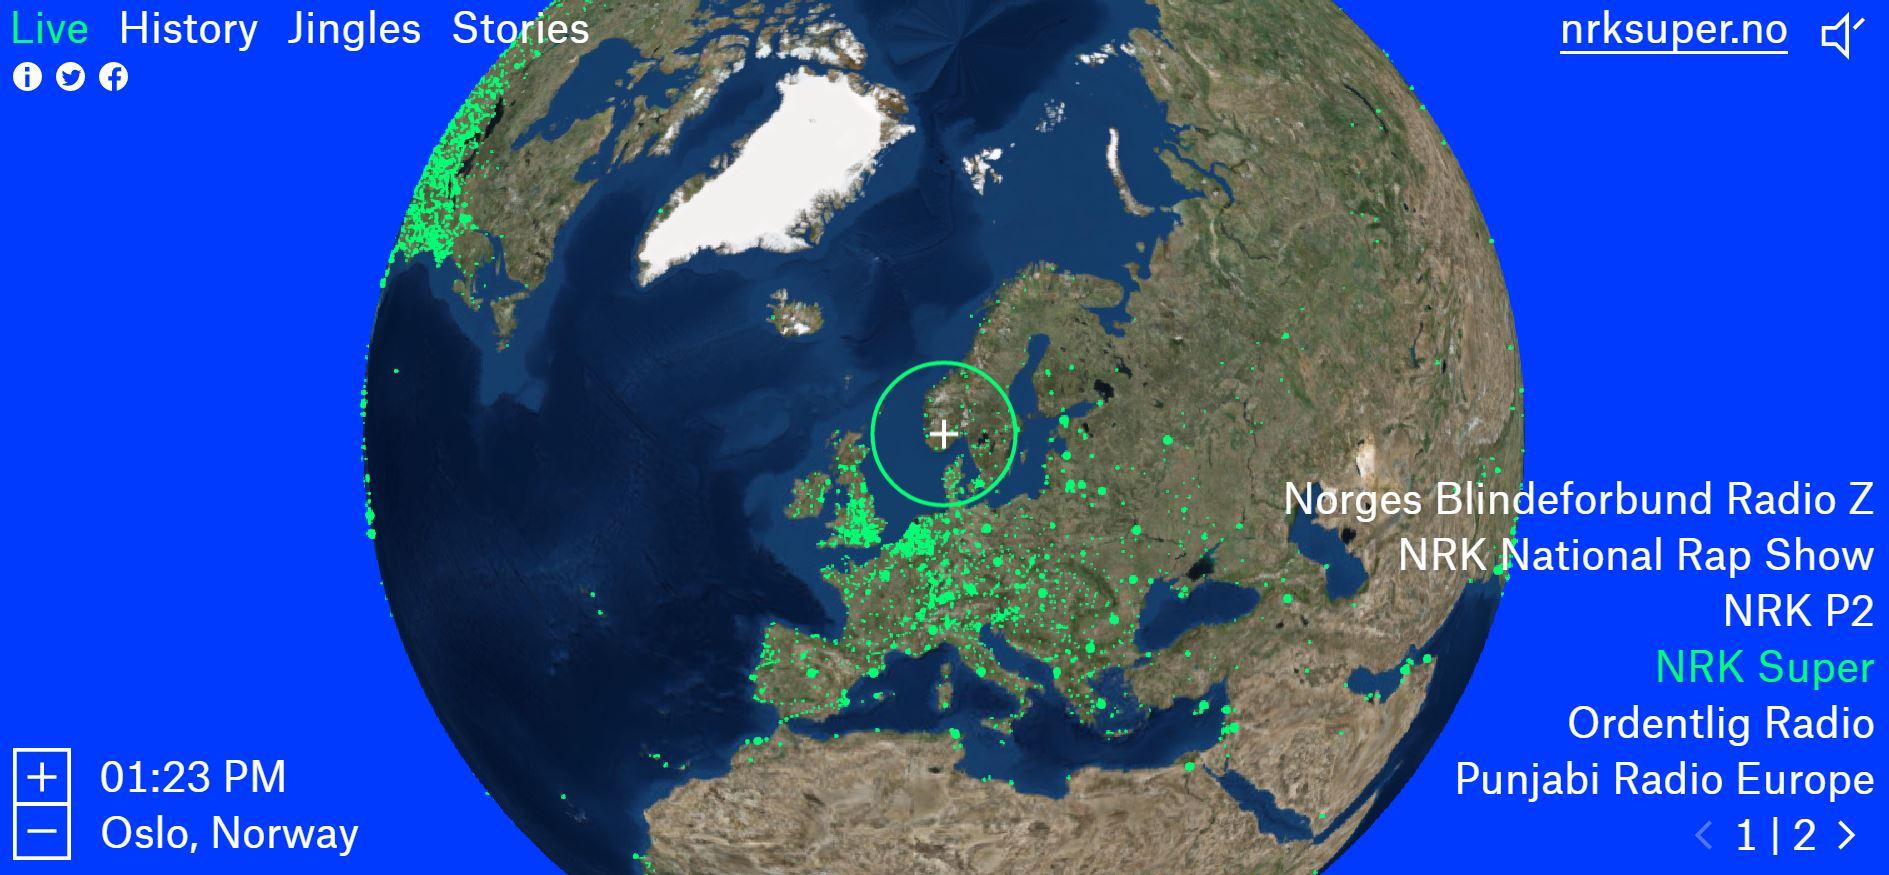 Radio globus – Den mest geniale radio oversikt